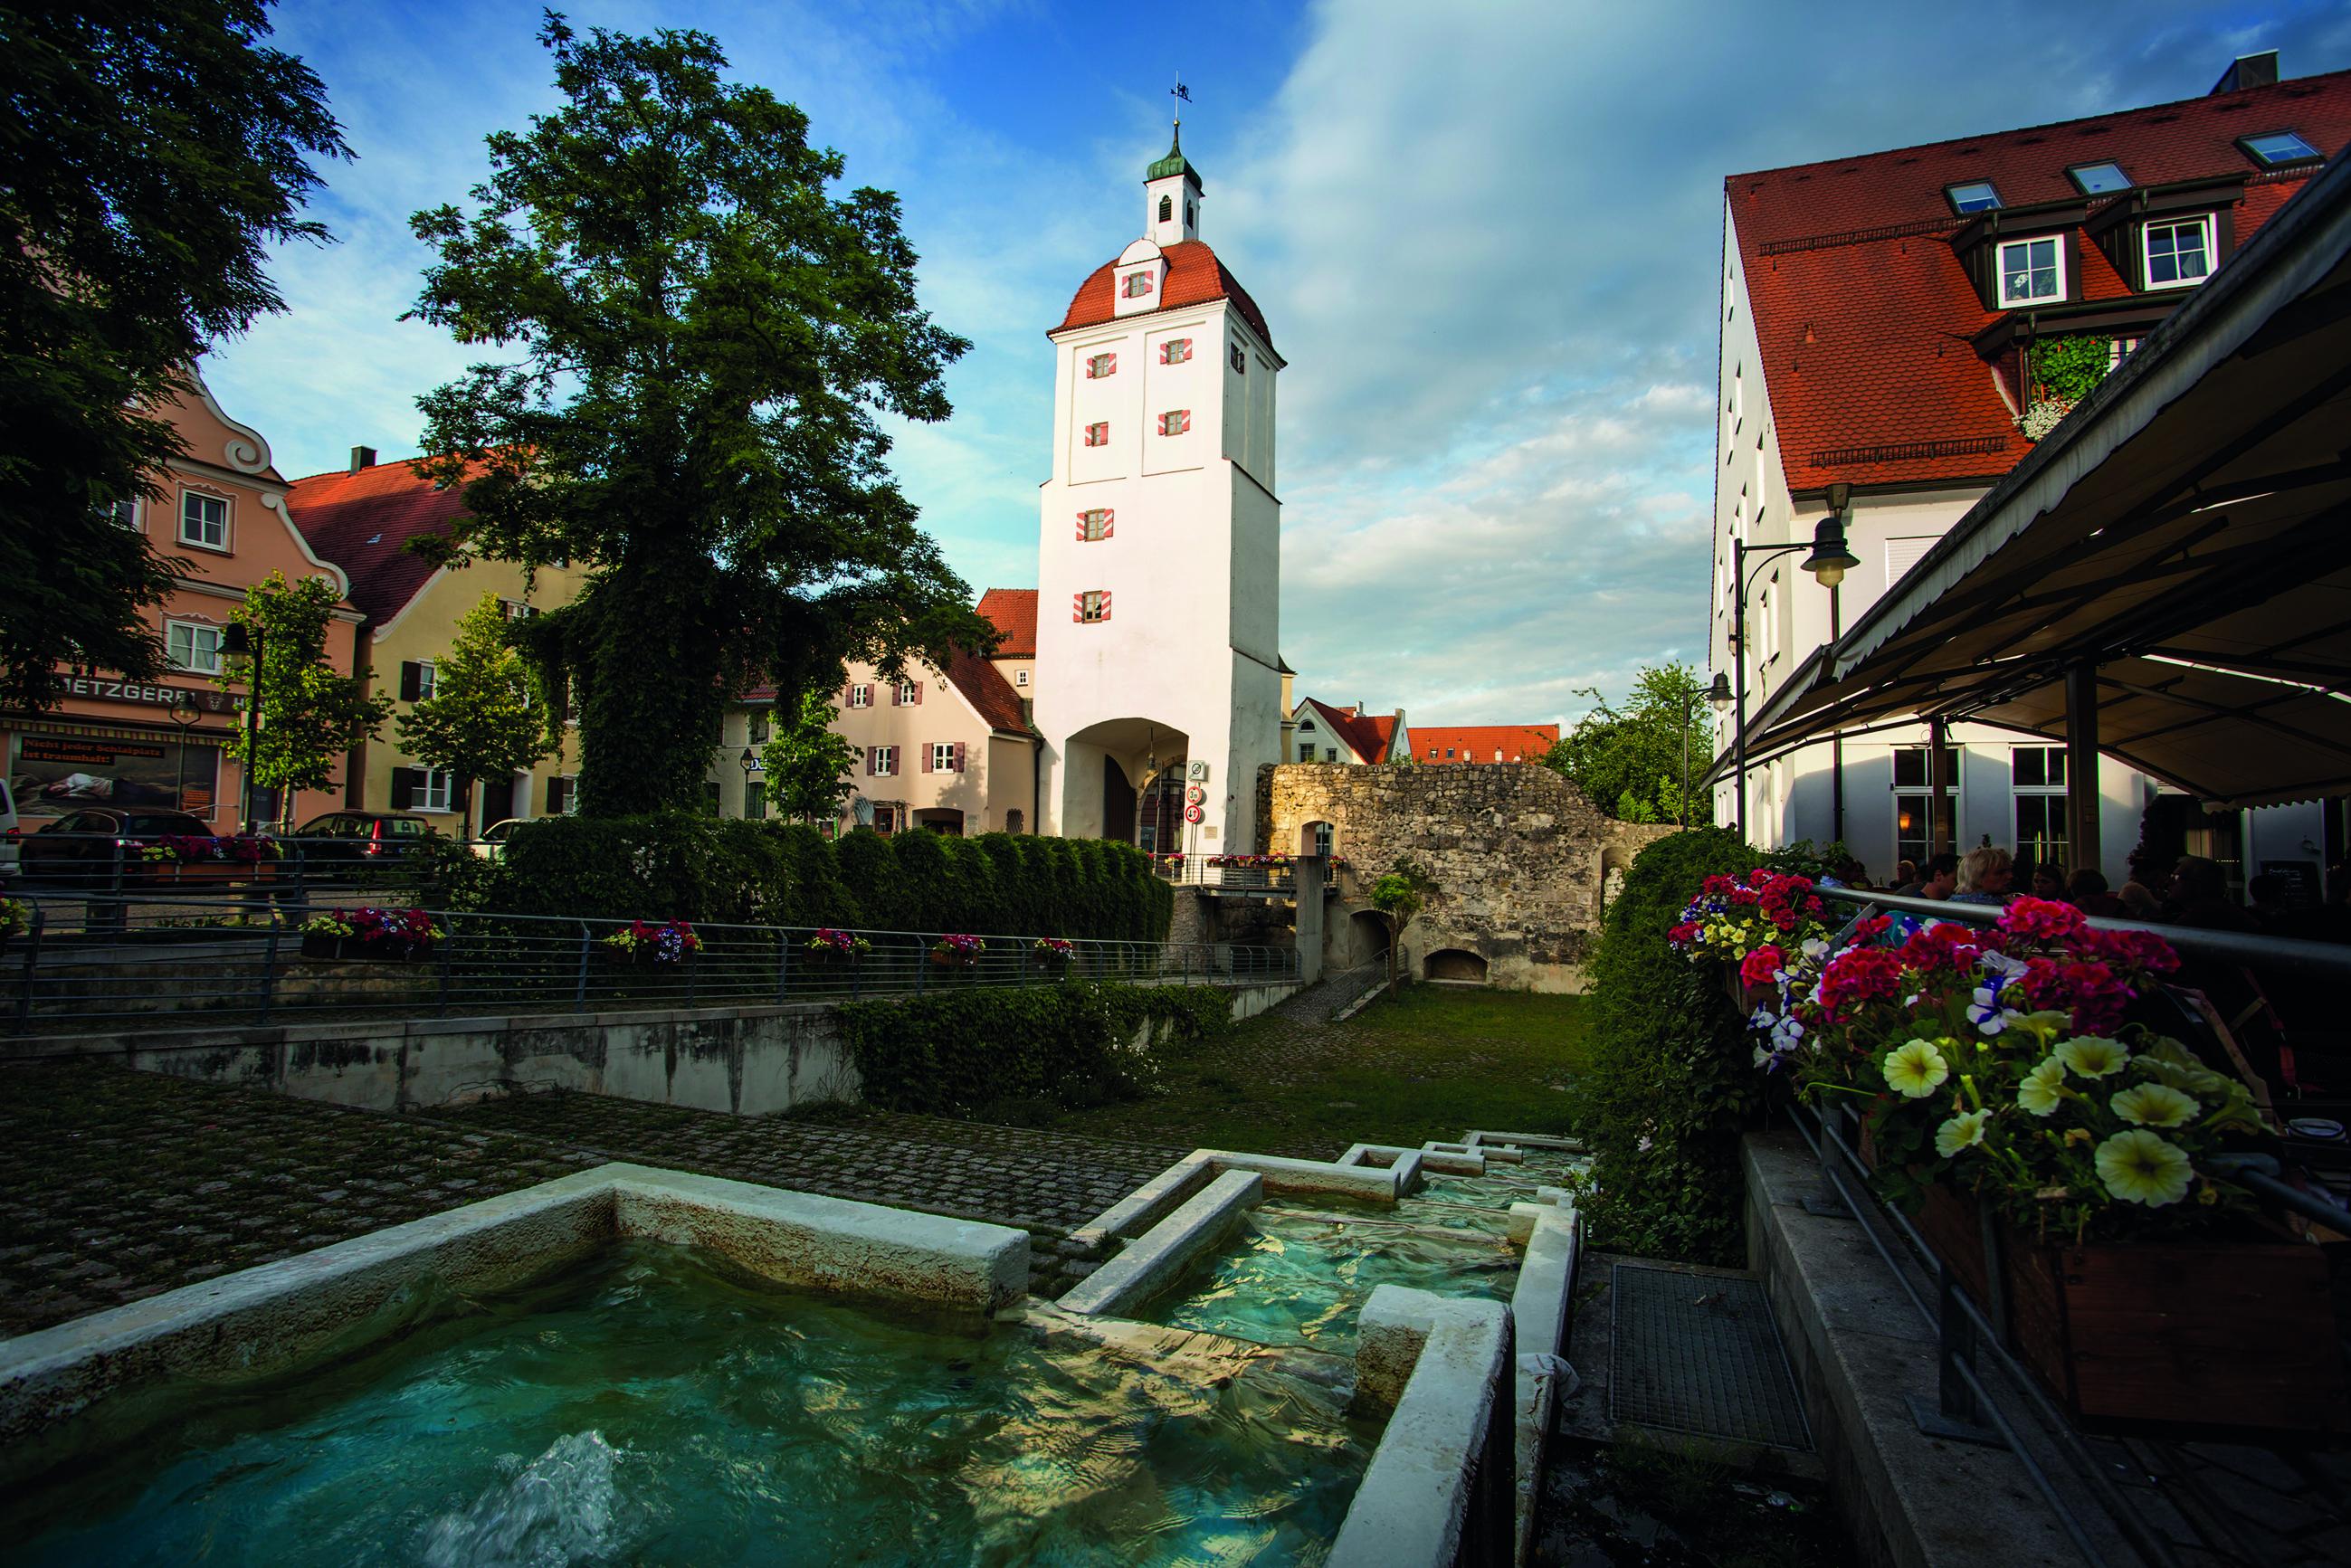 Historische Altstadt in Gundelfingen